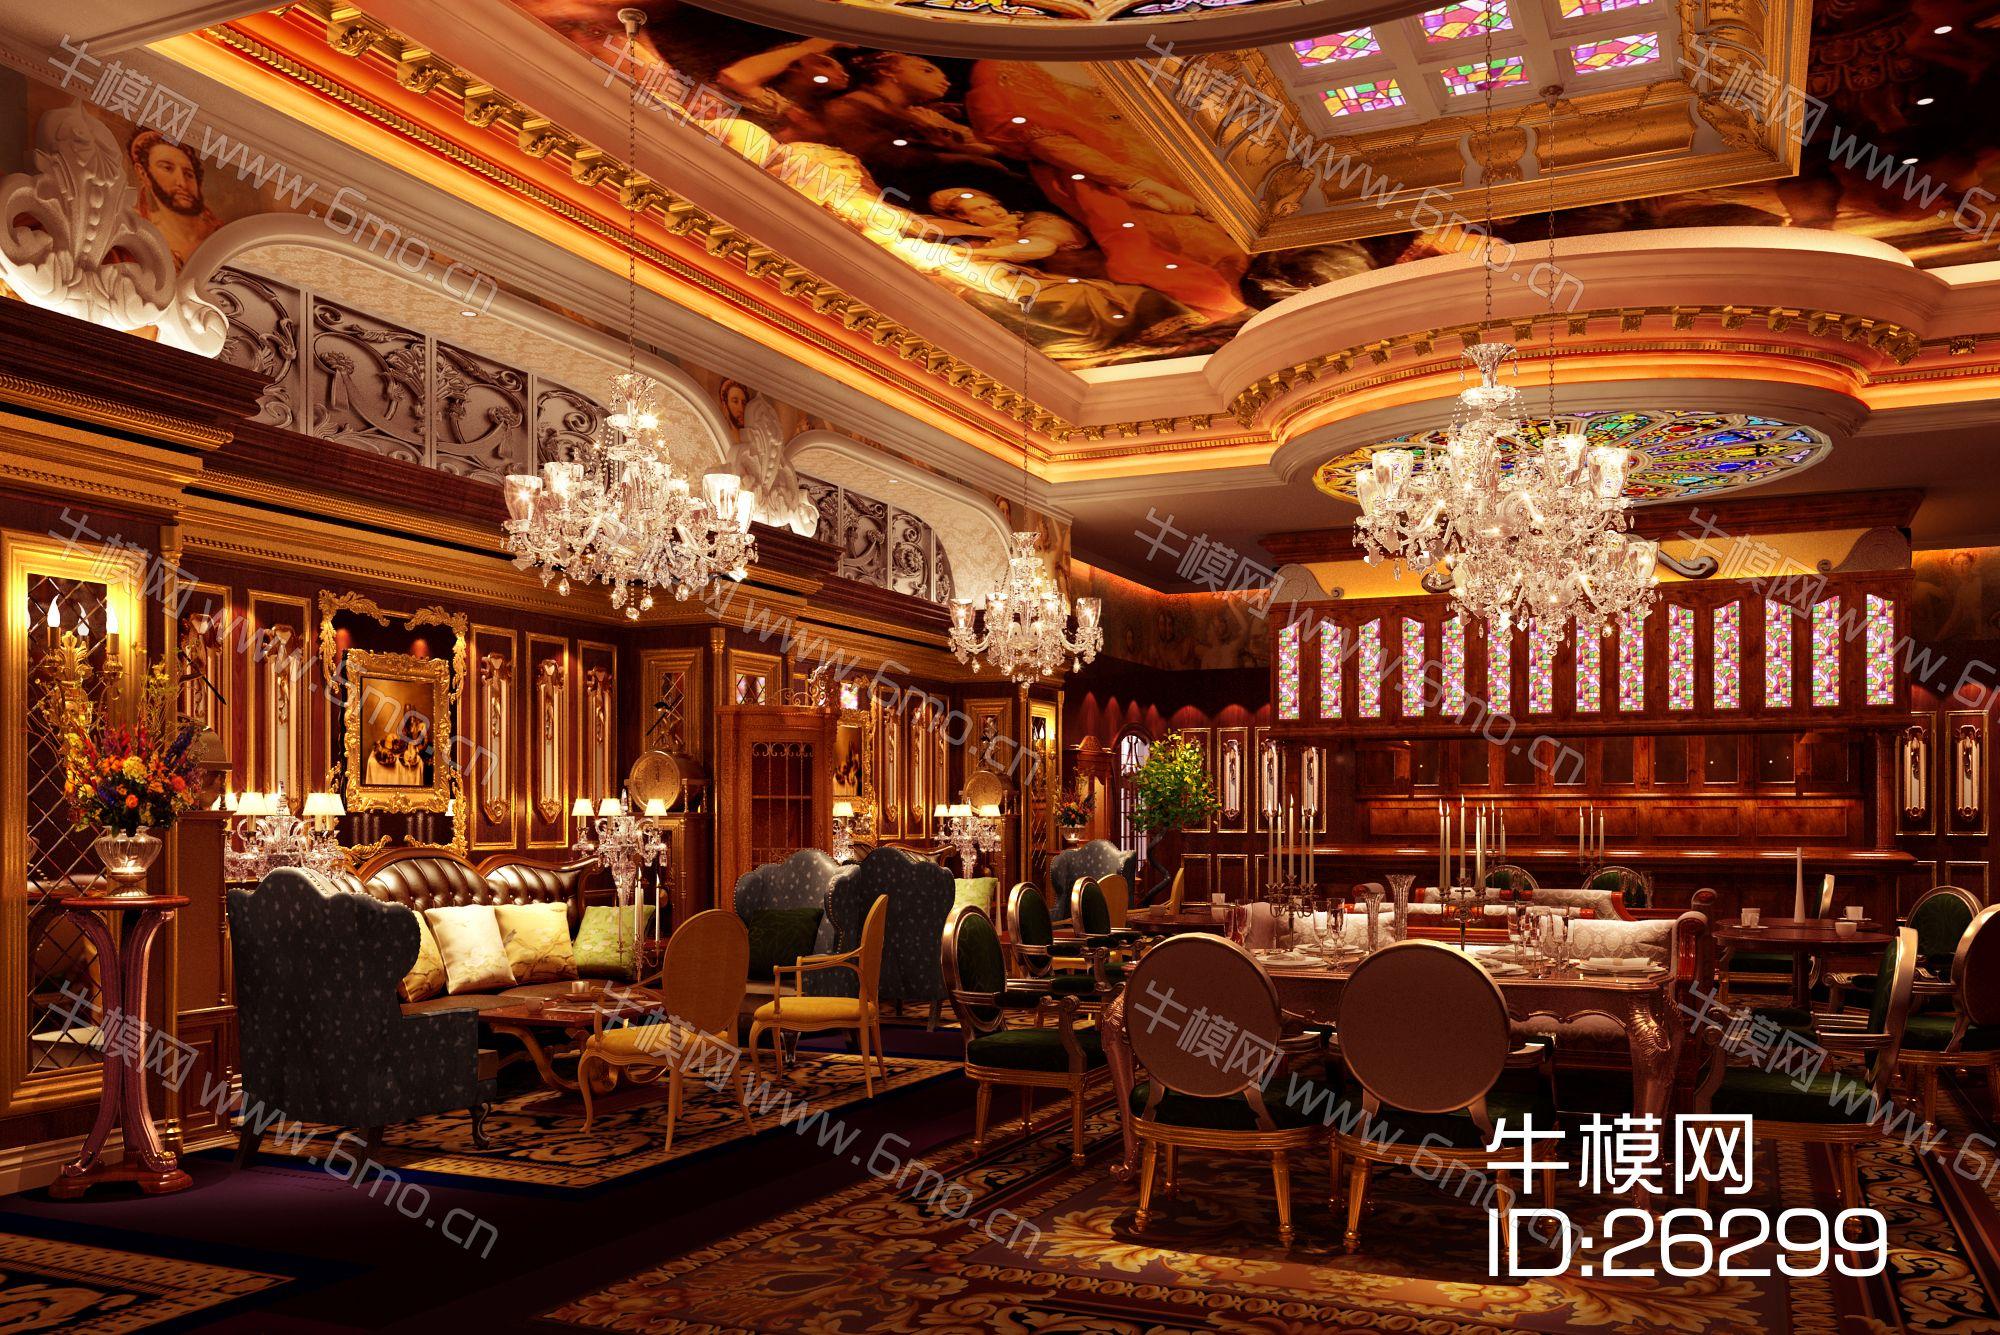 3d透明玻璃材质_欧式风格咖啡厅3D模型下载_id:26299_牛模网